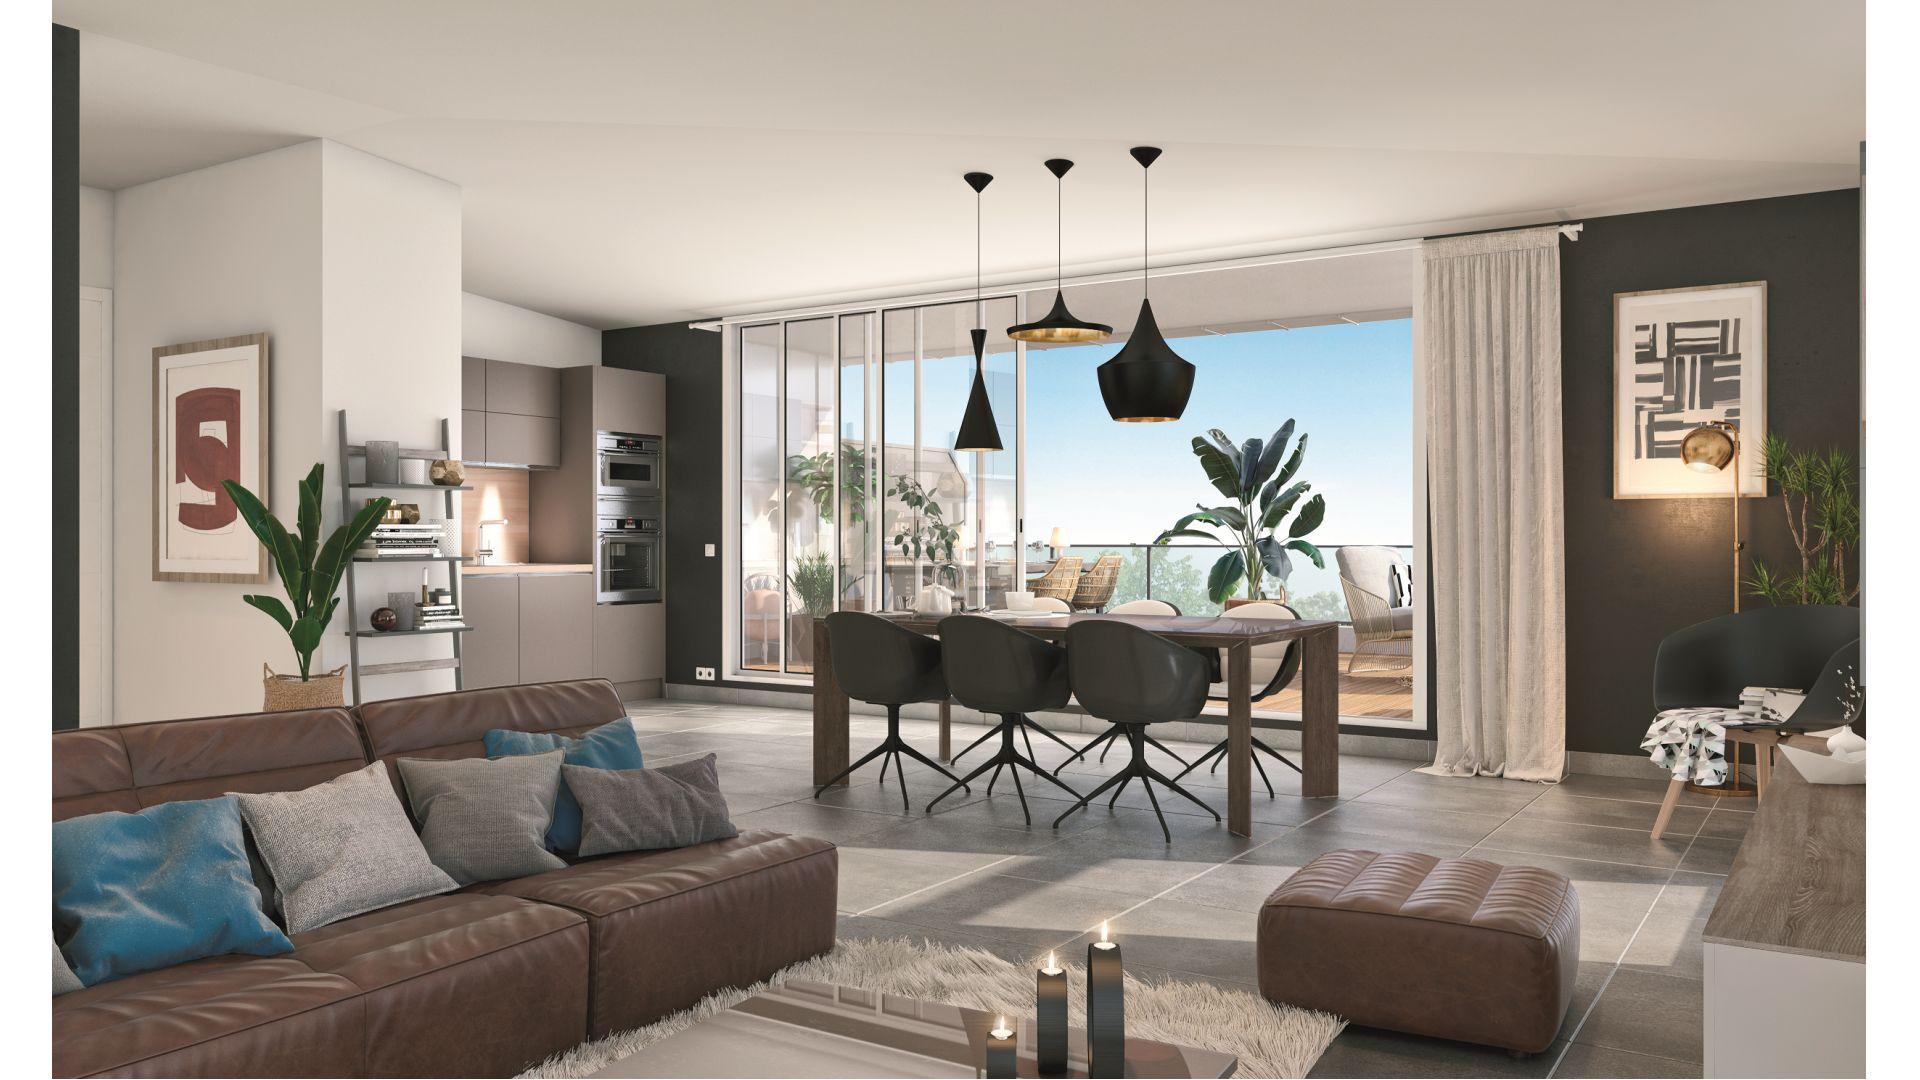 Greencity Immobilier - Résidence Les Jardins de Pouvourville - 31200 Toulouse Pouvourville - a vendre appartements du T2 au T4 - vue intérieure